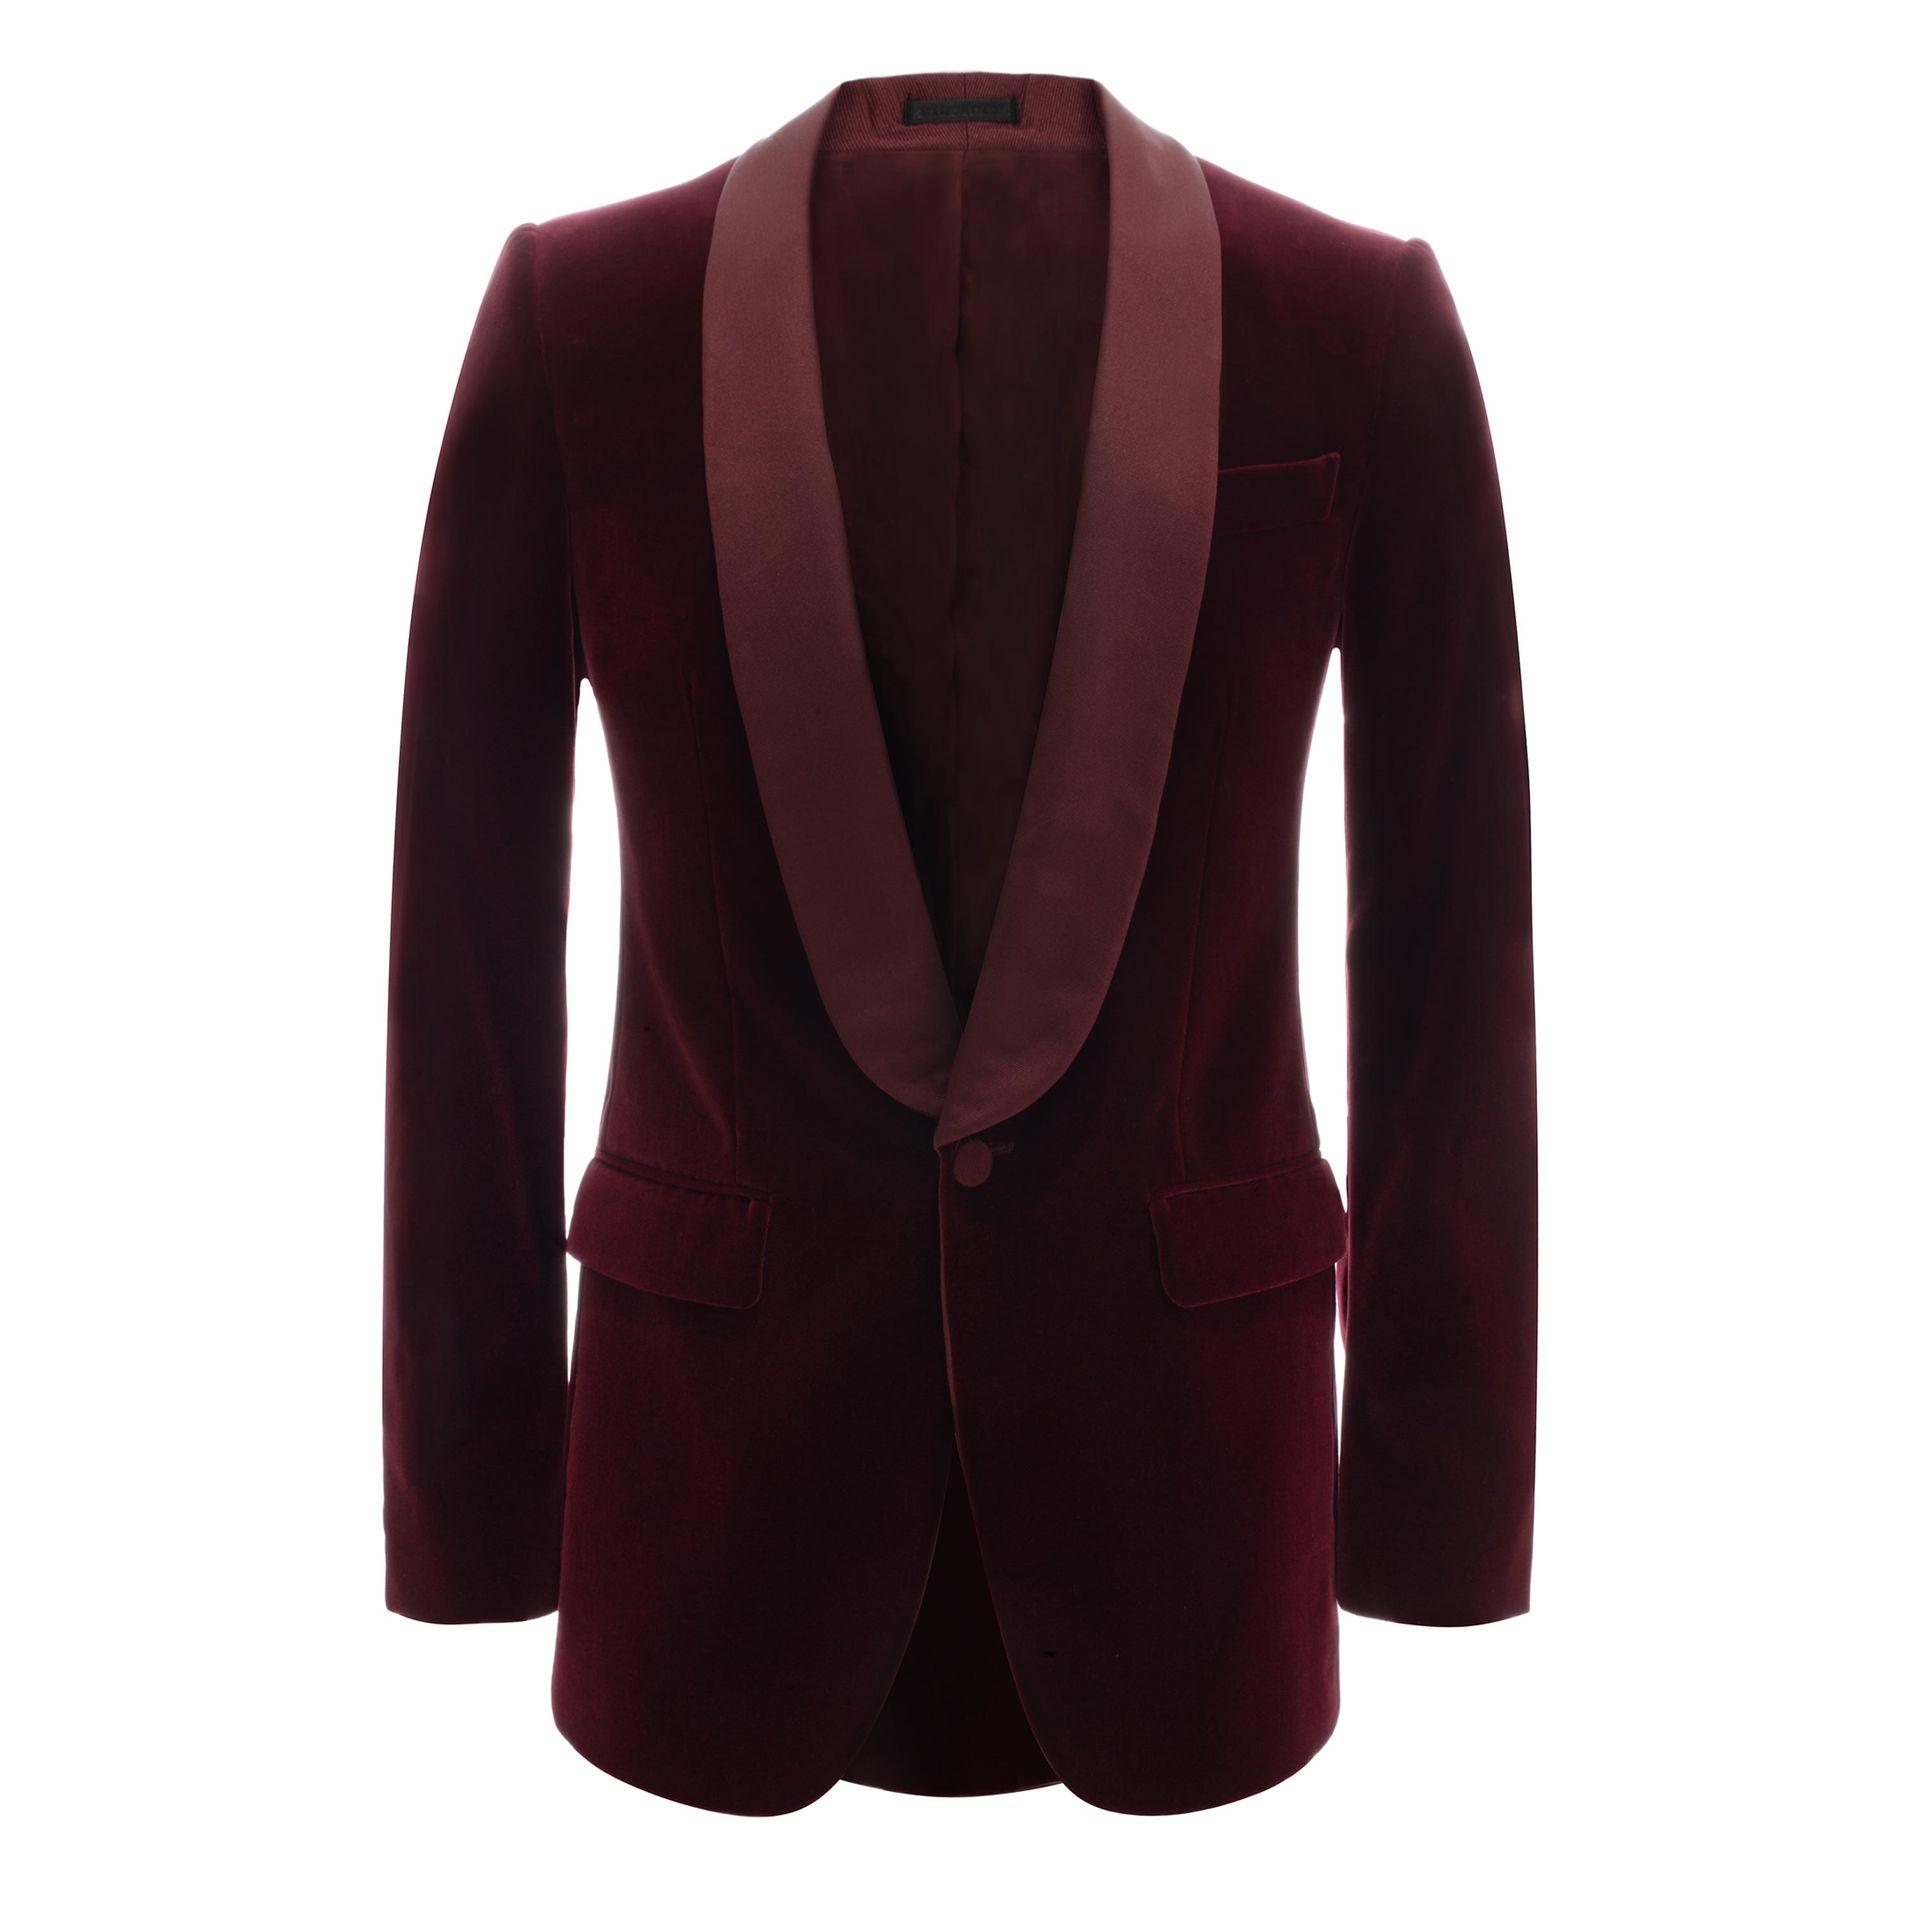 lyst alexander mcqueen velvet tuxedo jacket in red for men